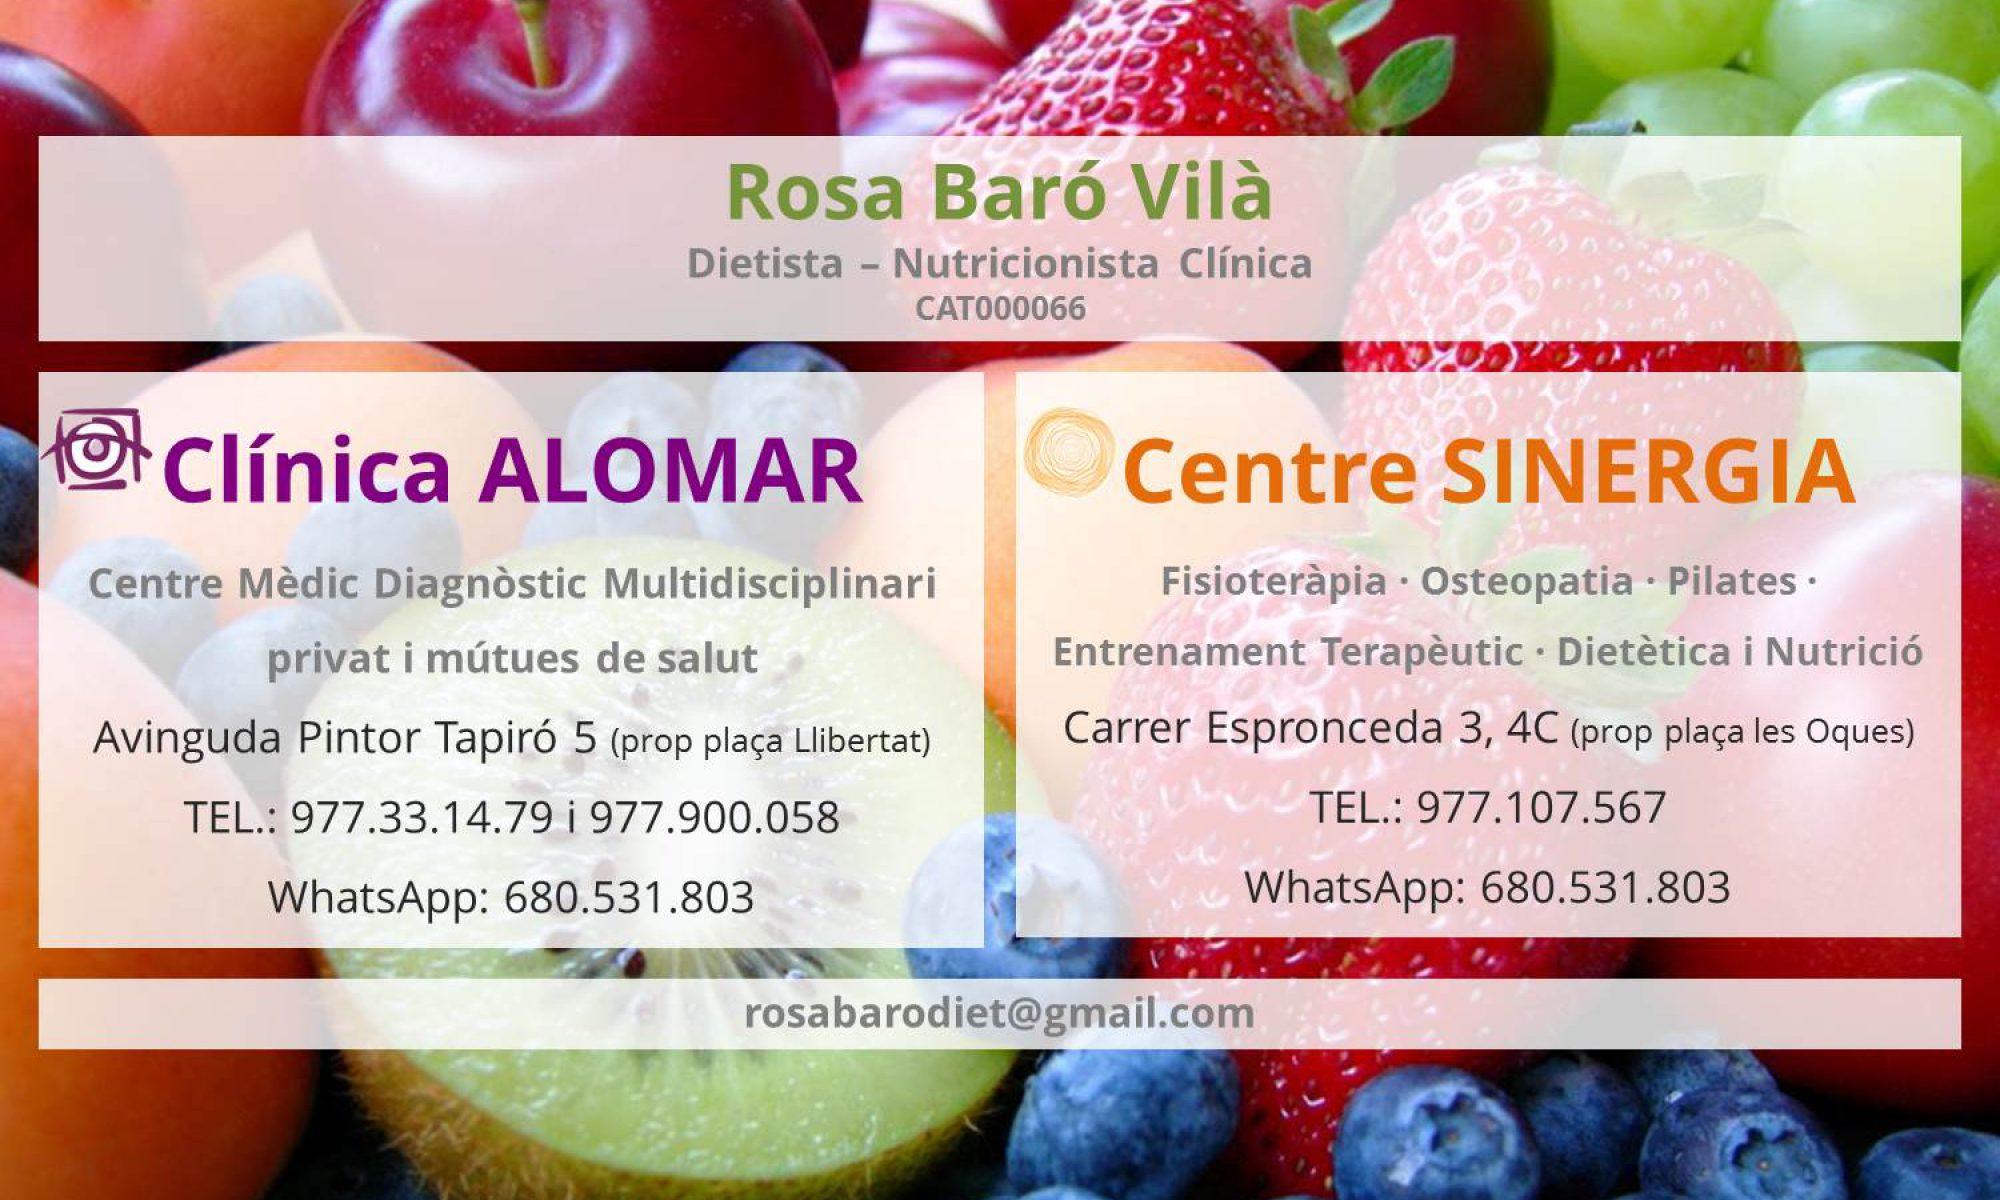 Rosa Baró